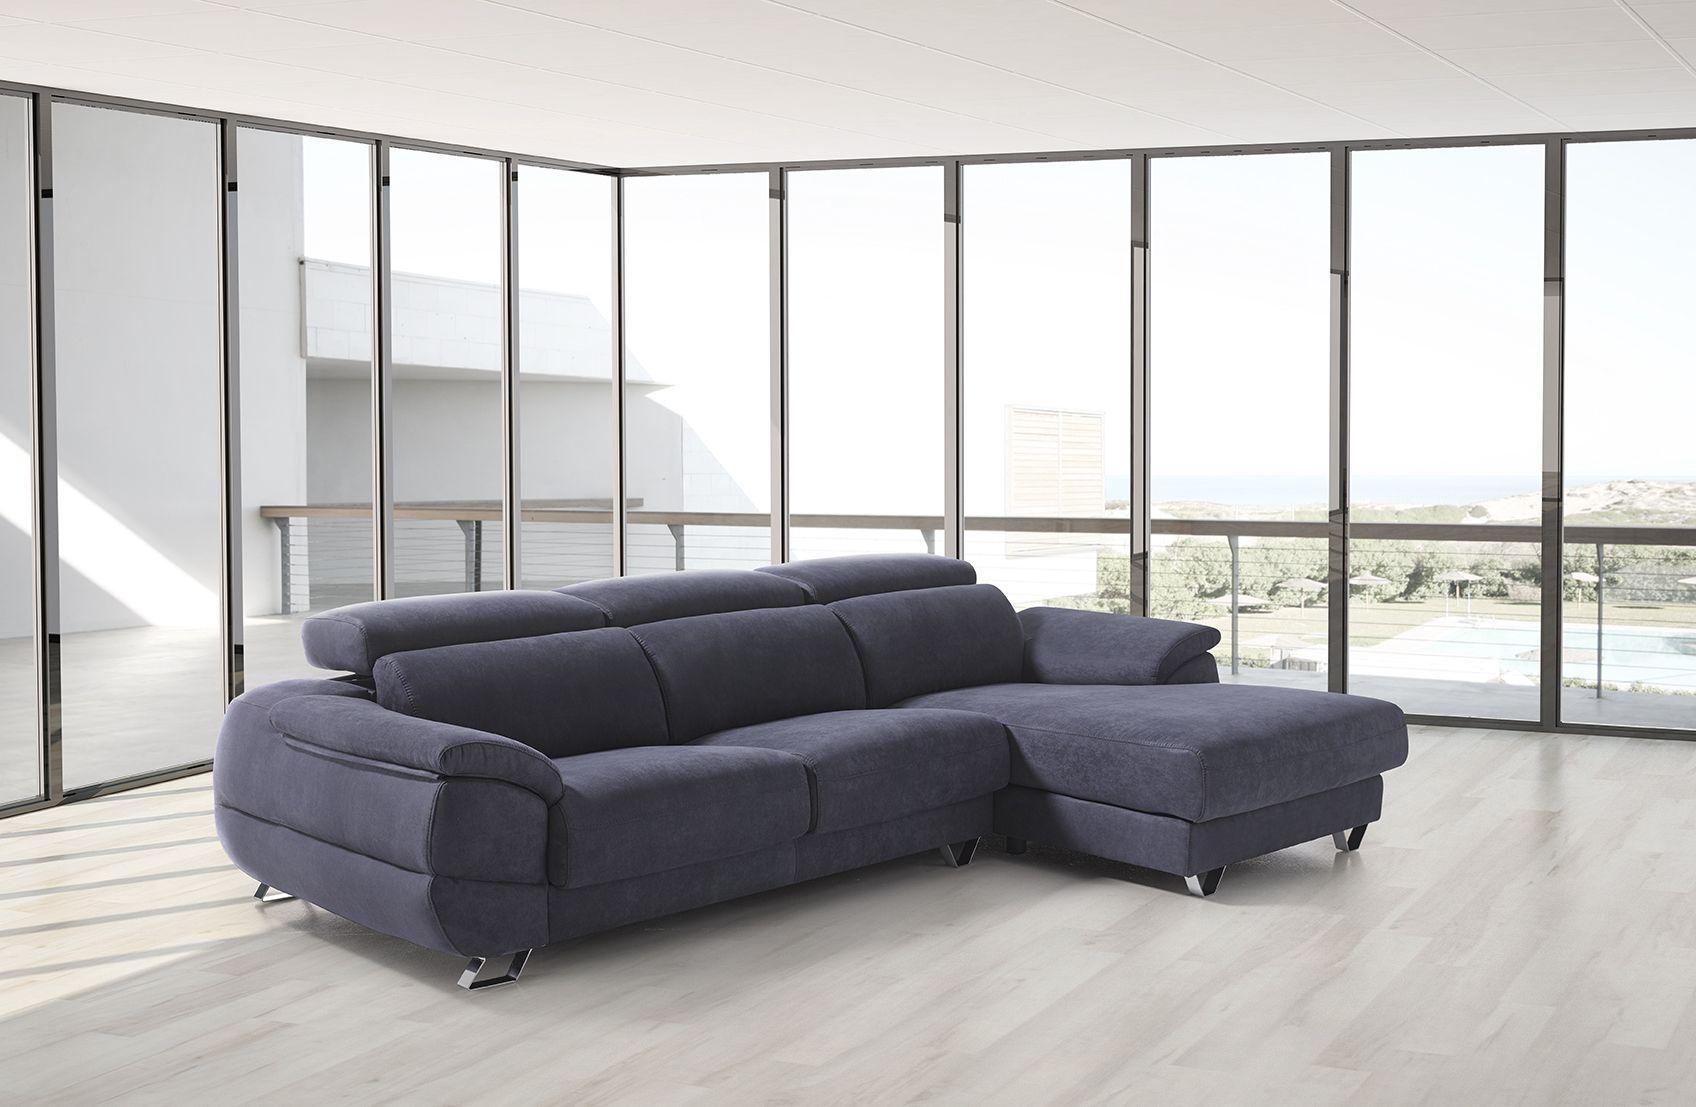 Pedro ortiz sofa sofas armchairs pinterest sofas - Sofa pedro ortiz ...